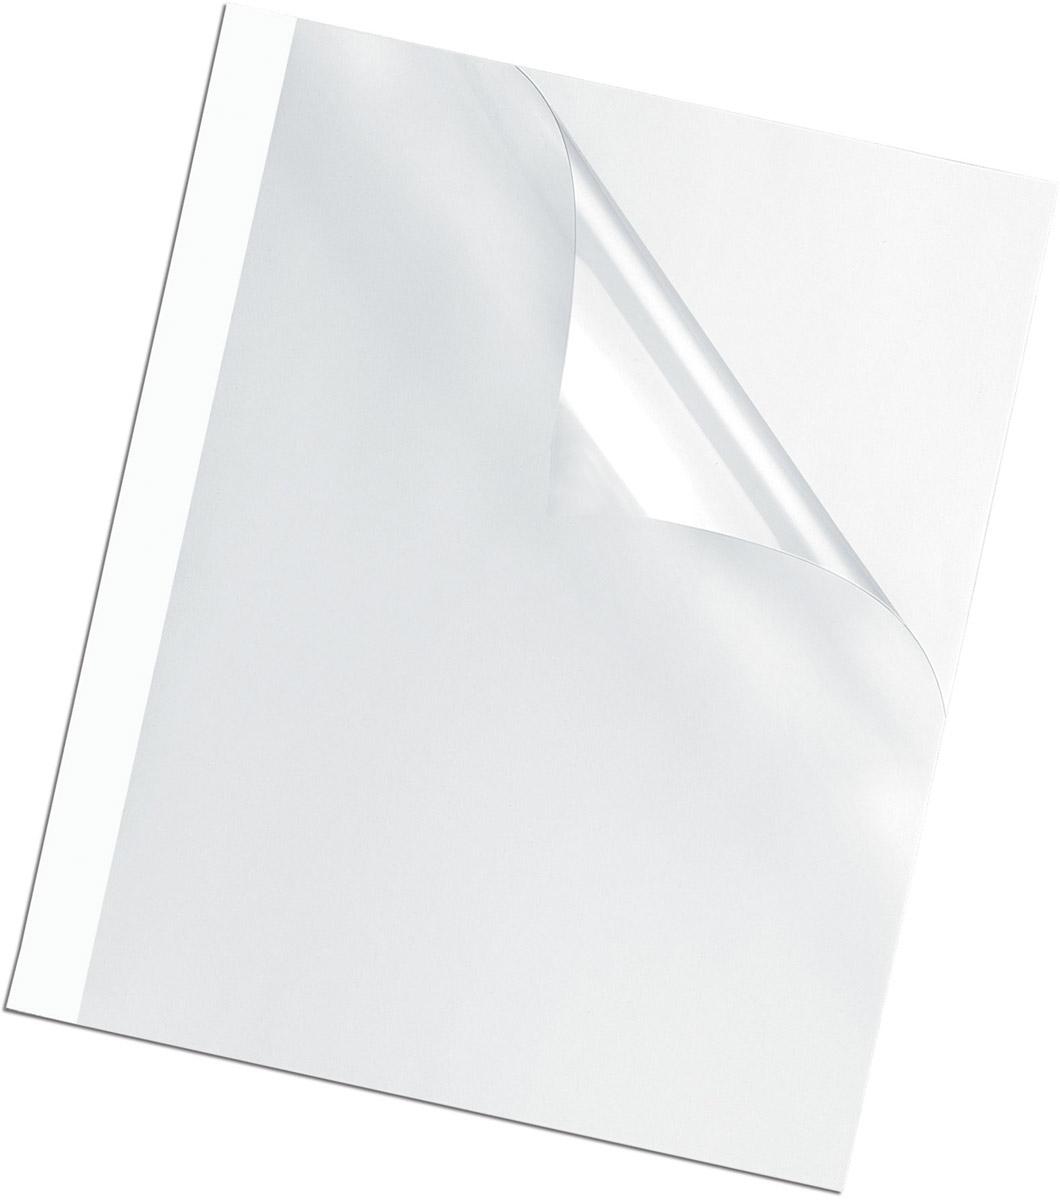 Fellowes A4 FS-53151 обложка для термопереплета, 15 мм (100 шт)FS-53151Обложка для термопереплета предназначена для оформления документов. Верх обложки – прозрачный PVC (150мкм), низ – глянцевый картон (220гр/кв.м). 100шт. в розничной упаковке.